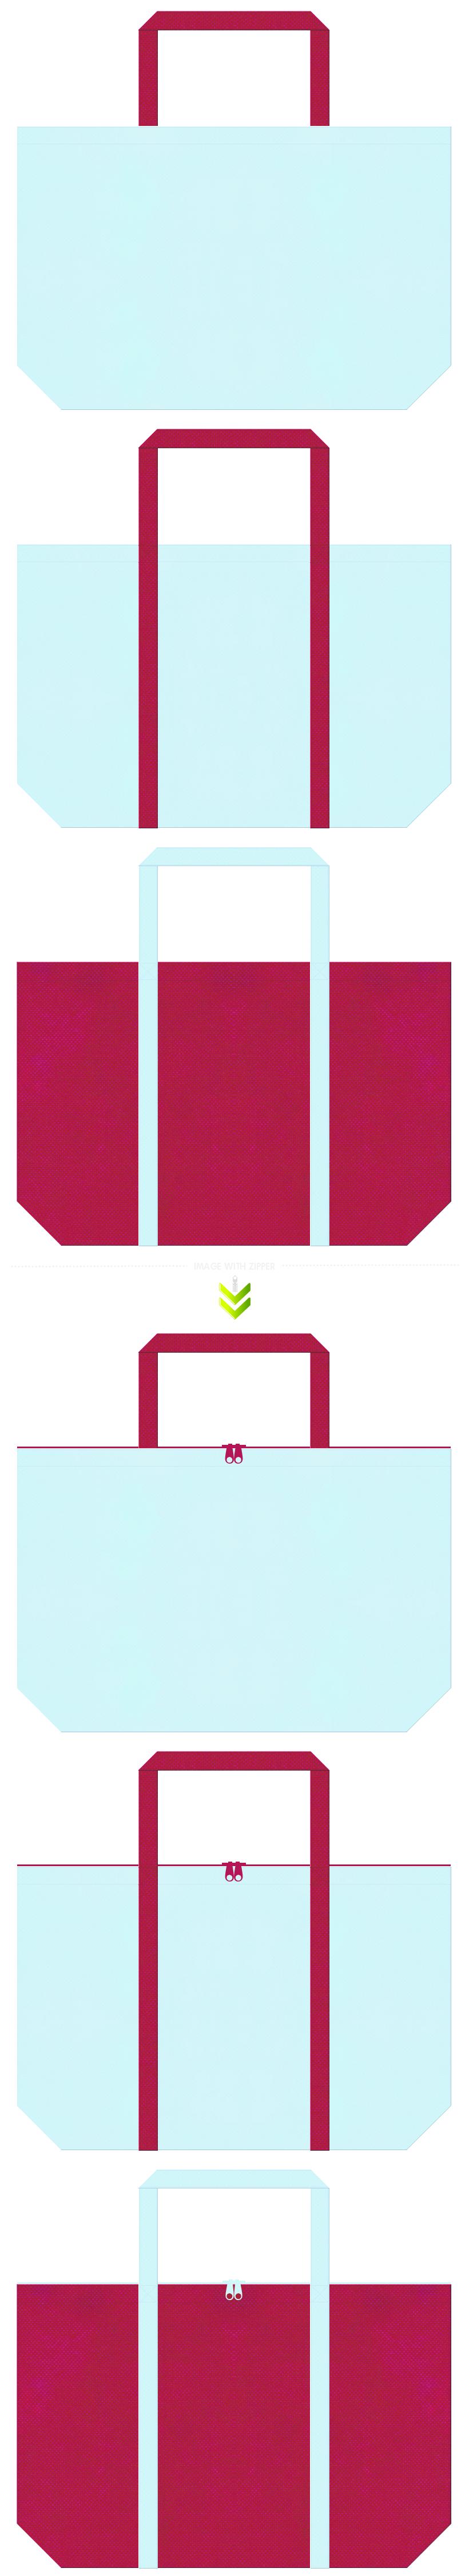 水色と濃いピンク色の不織布エコバッグのデザイン。